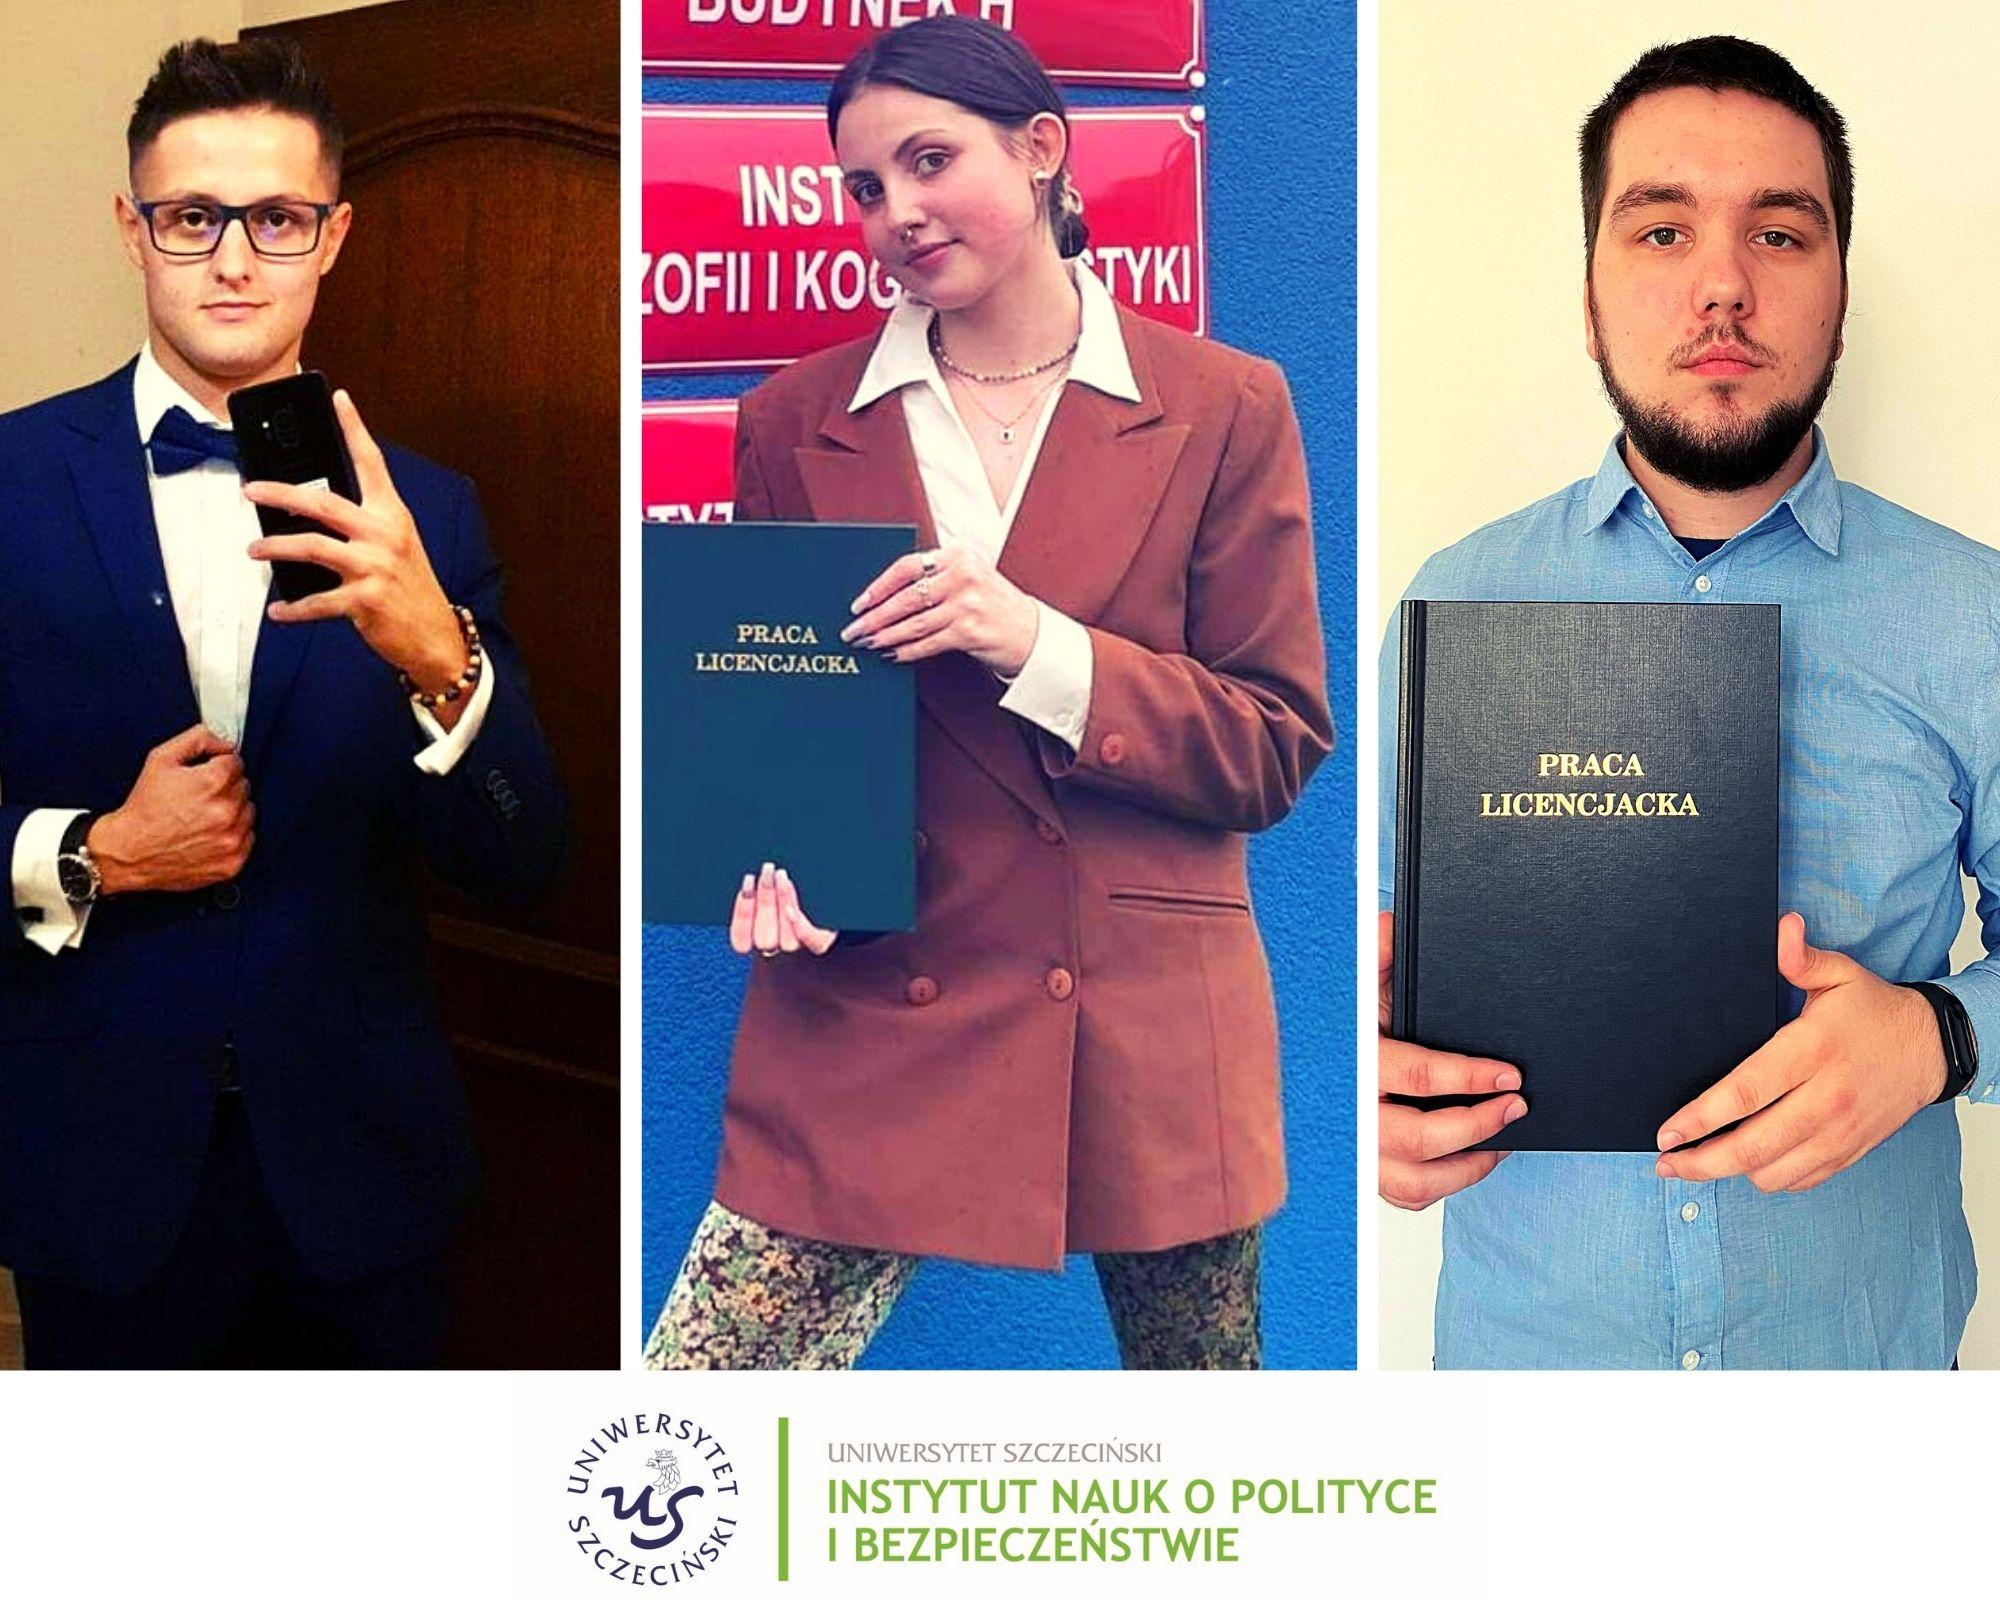 Konkurs na najlepszą pracę dyplomową w Instytucie Nauk o Polityce i Bezpieczeństwie US- wyniki